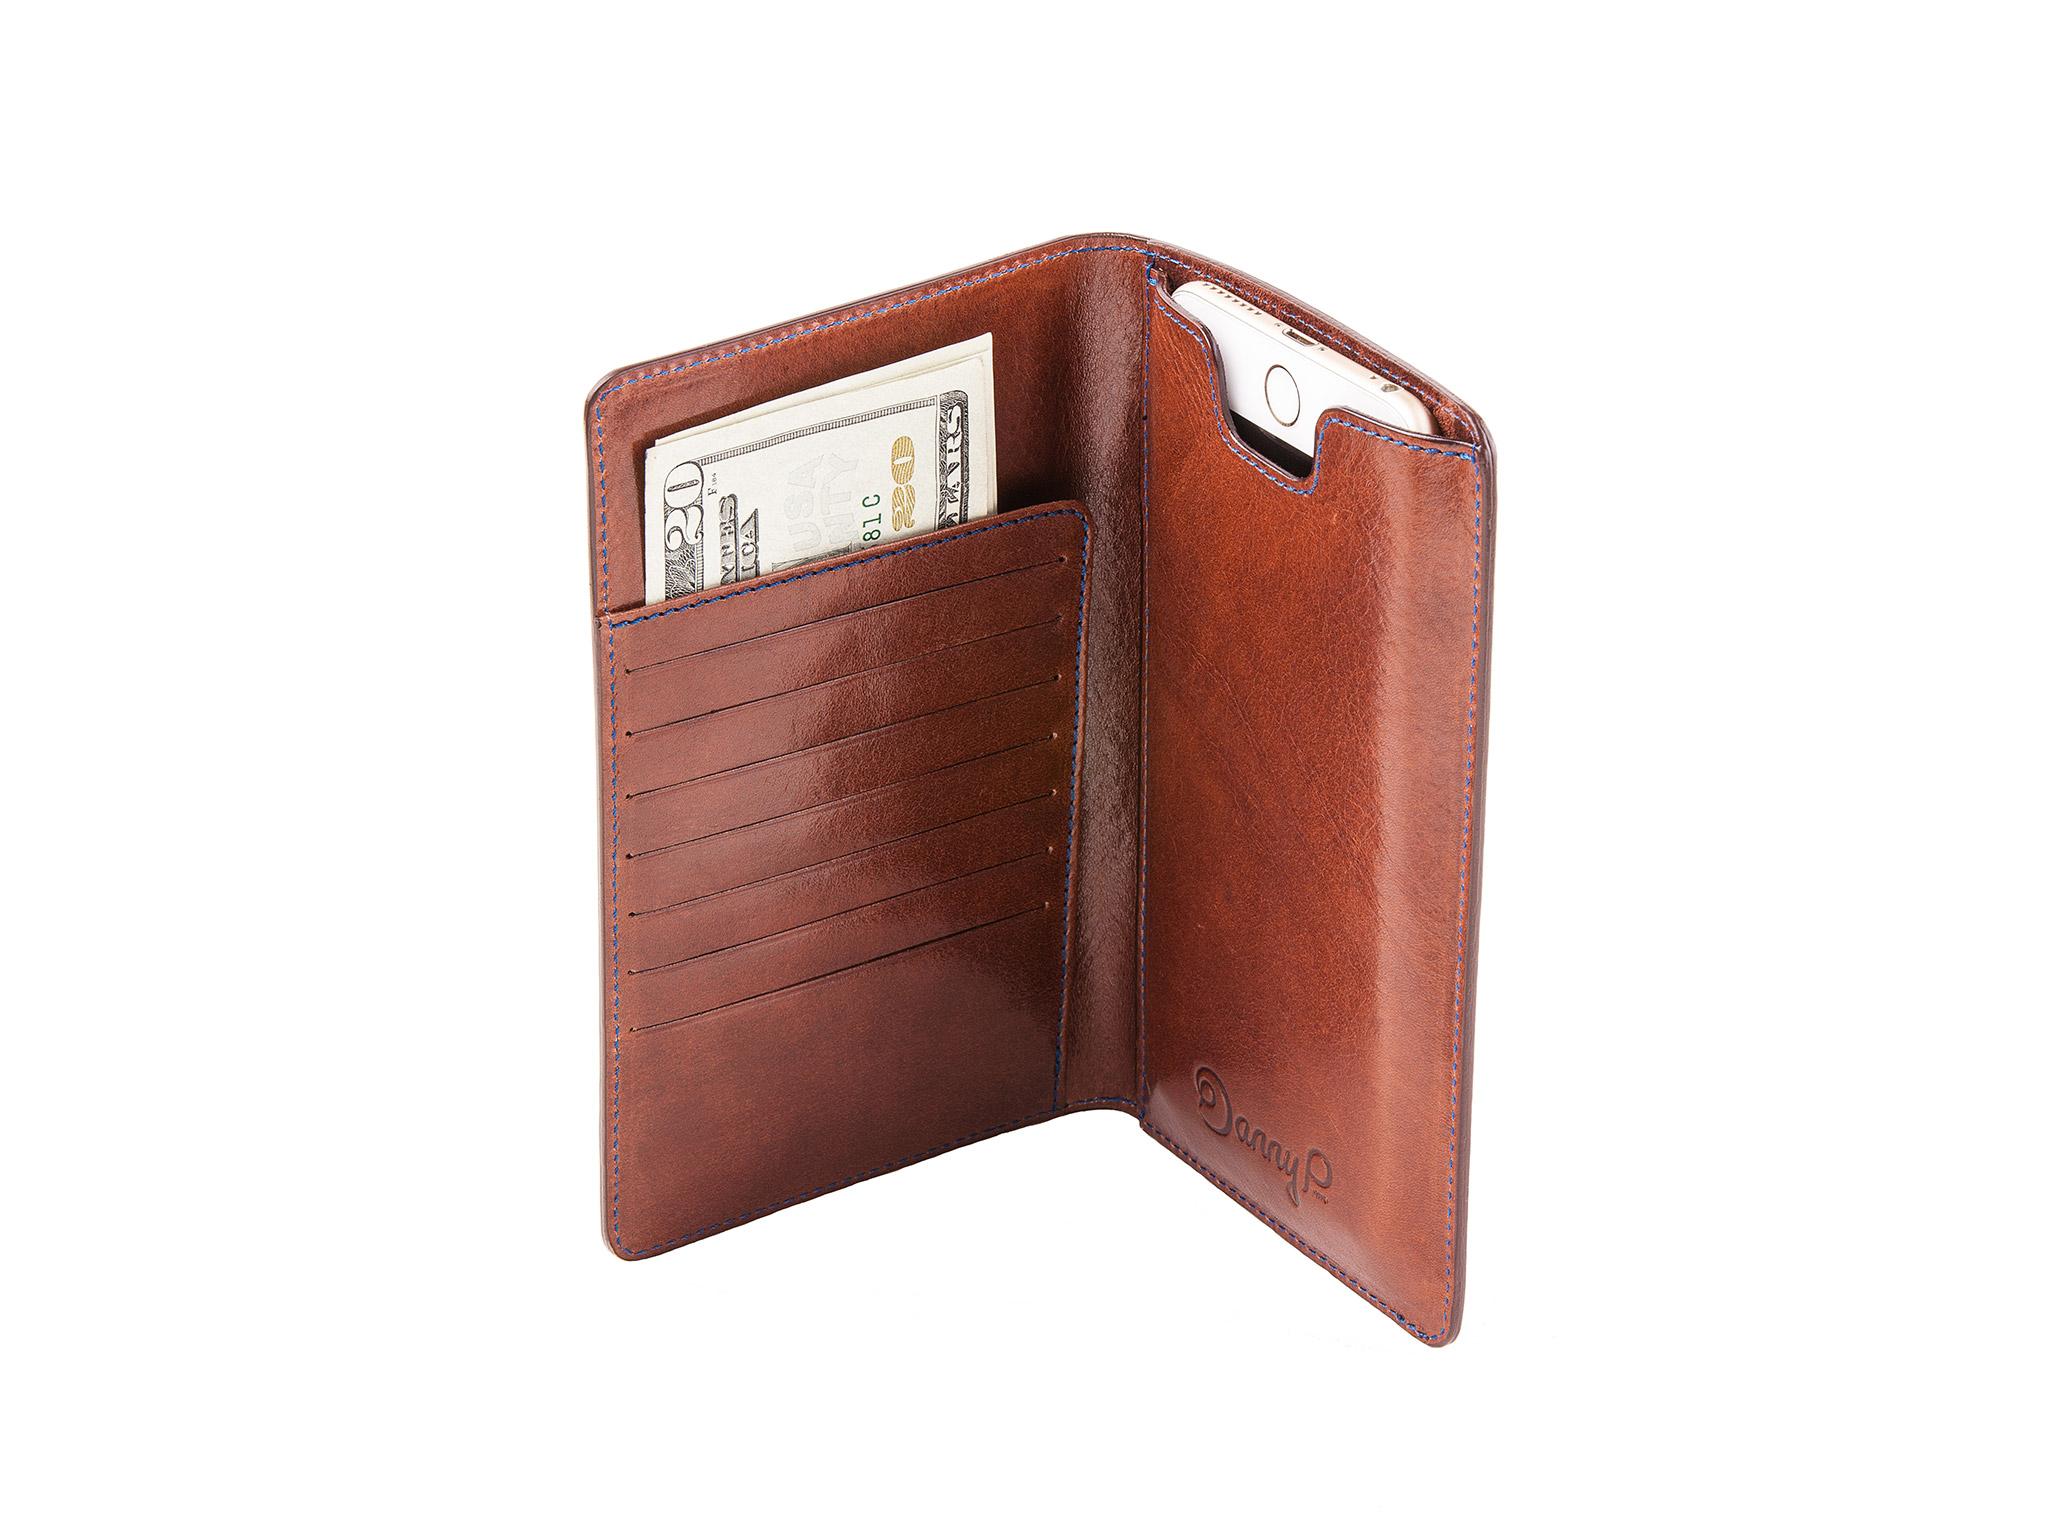 Danny P. Kožená peněženka s pouzdrem na iPhone 7/6S/6 Plus, Tmavě hnědá